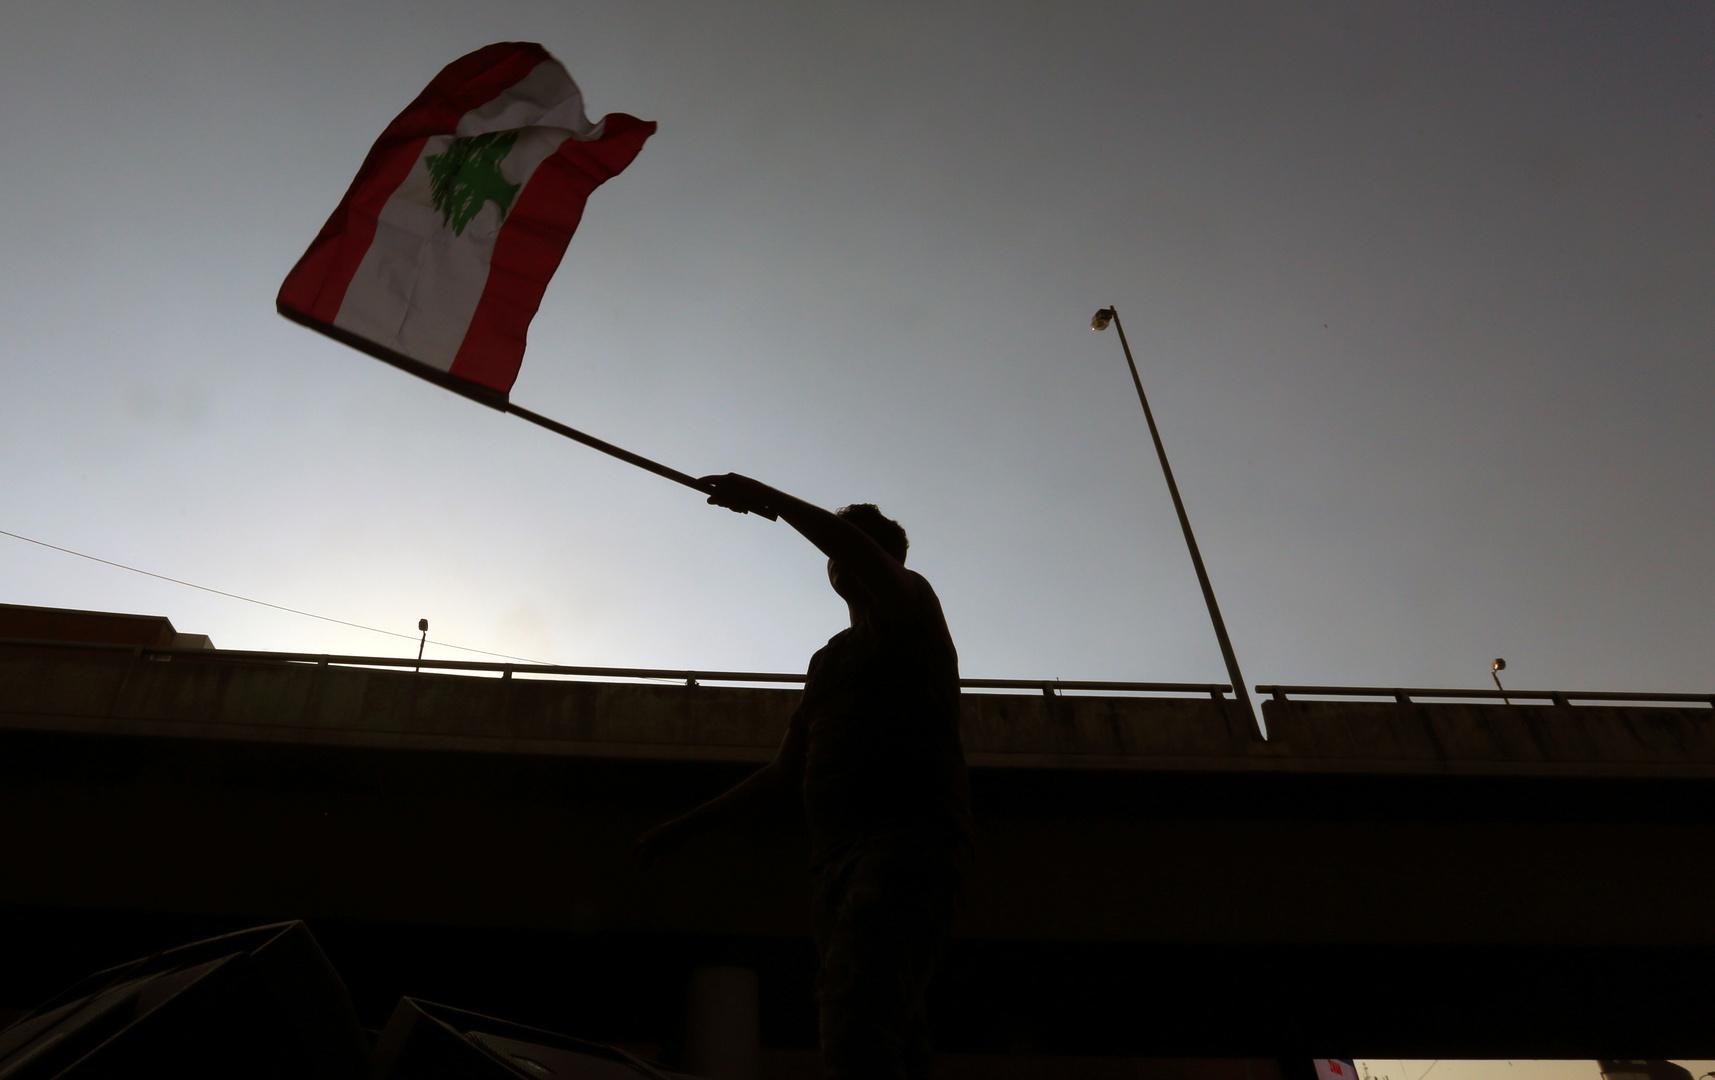 مجموعة الدعم الدولية تدعو السياسيين في لبنان للإسراع في تشكيل حكومة فعالة